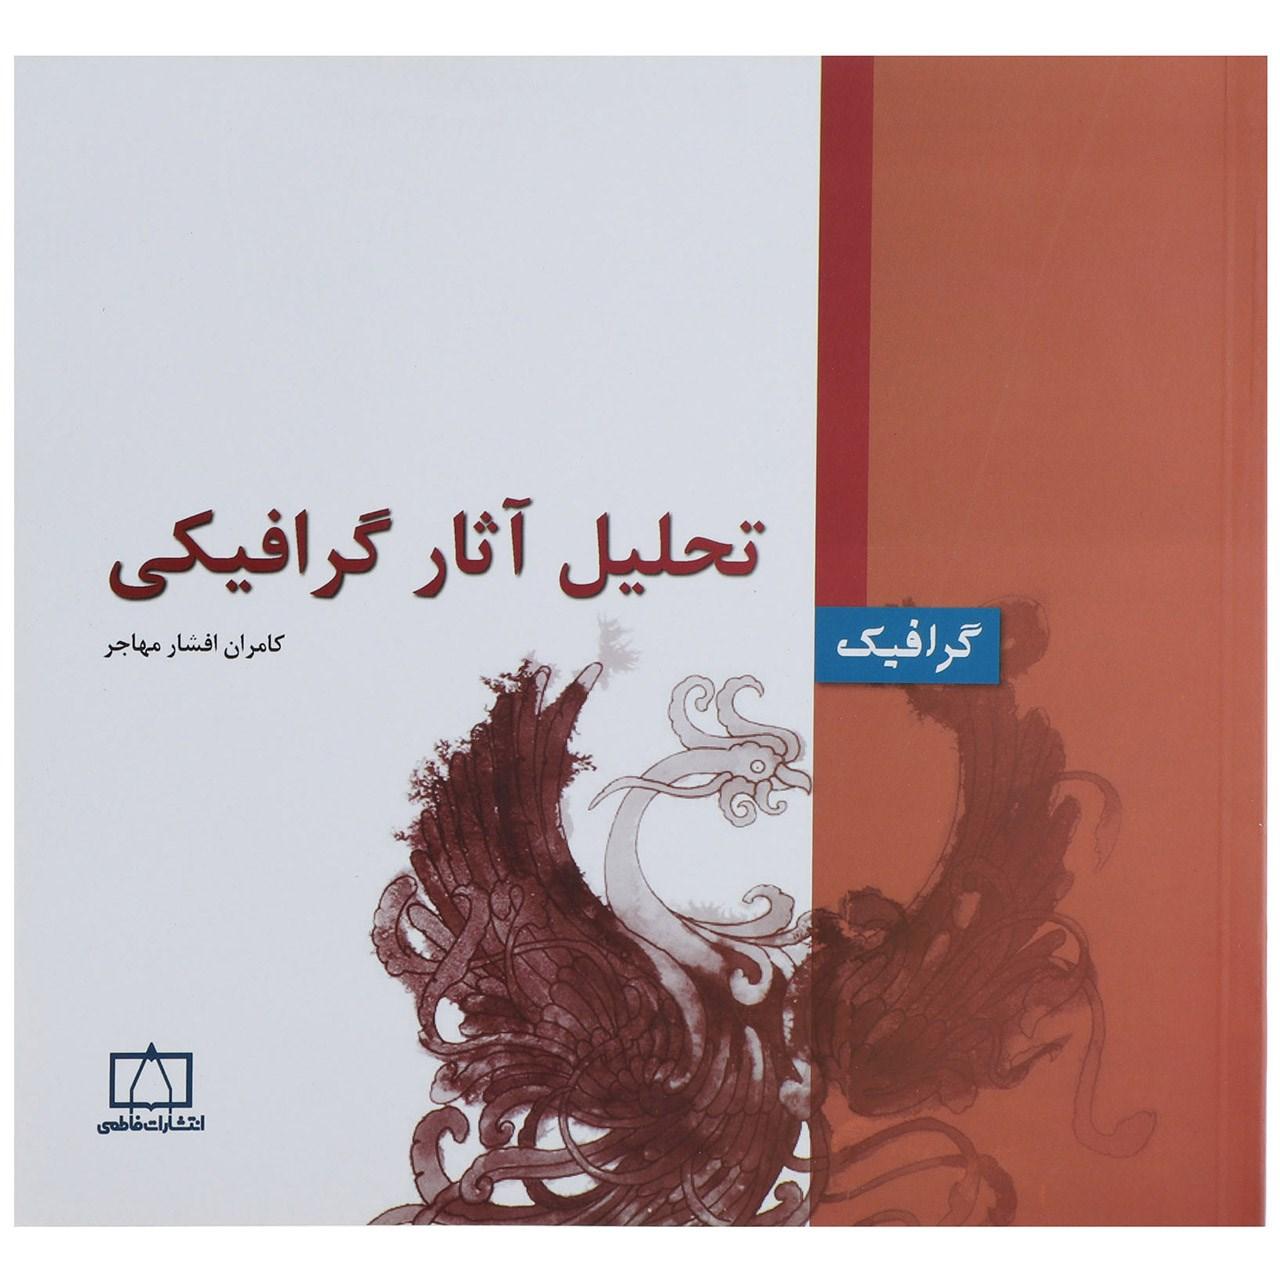 کتاب تحلیل آثار گرافیکی اثر کامران افشارمهاجر